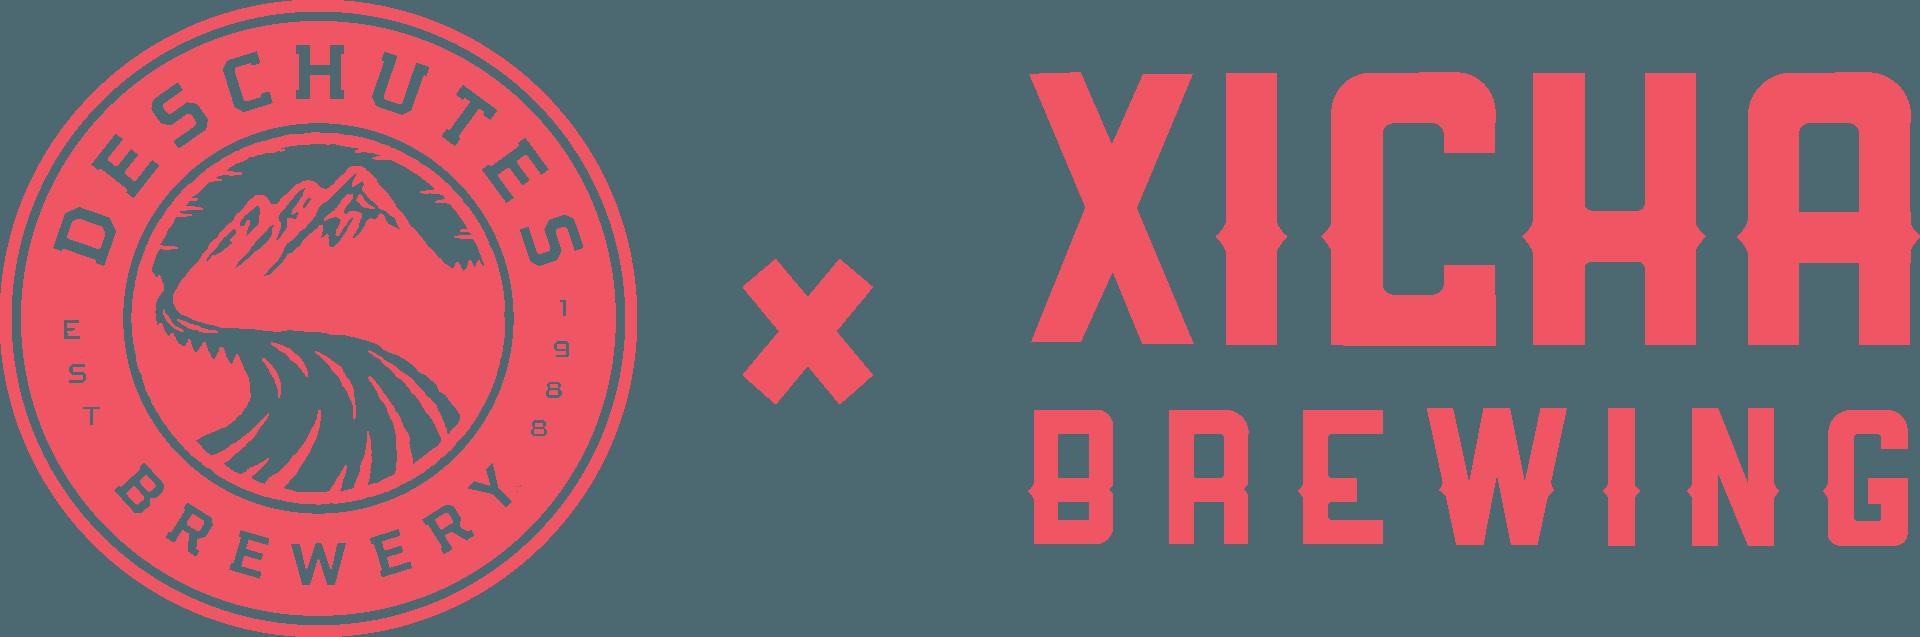 deschutes-xicha-collaboration